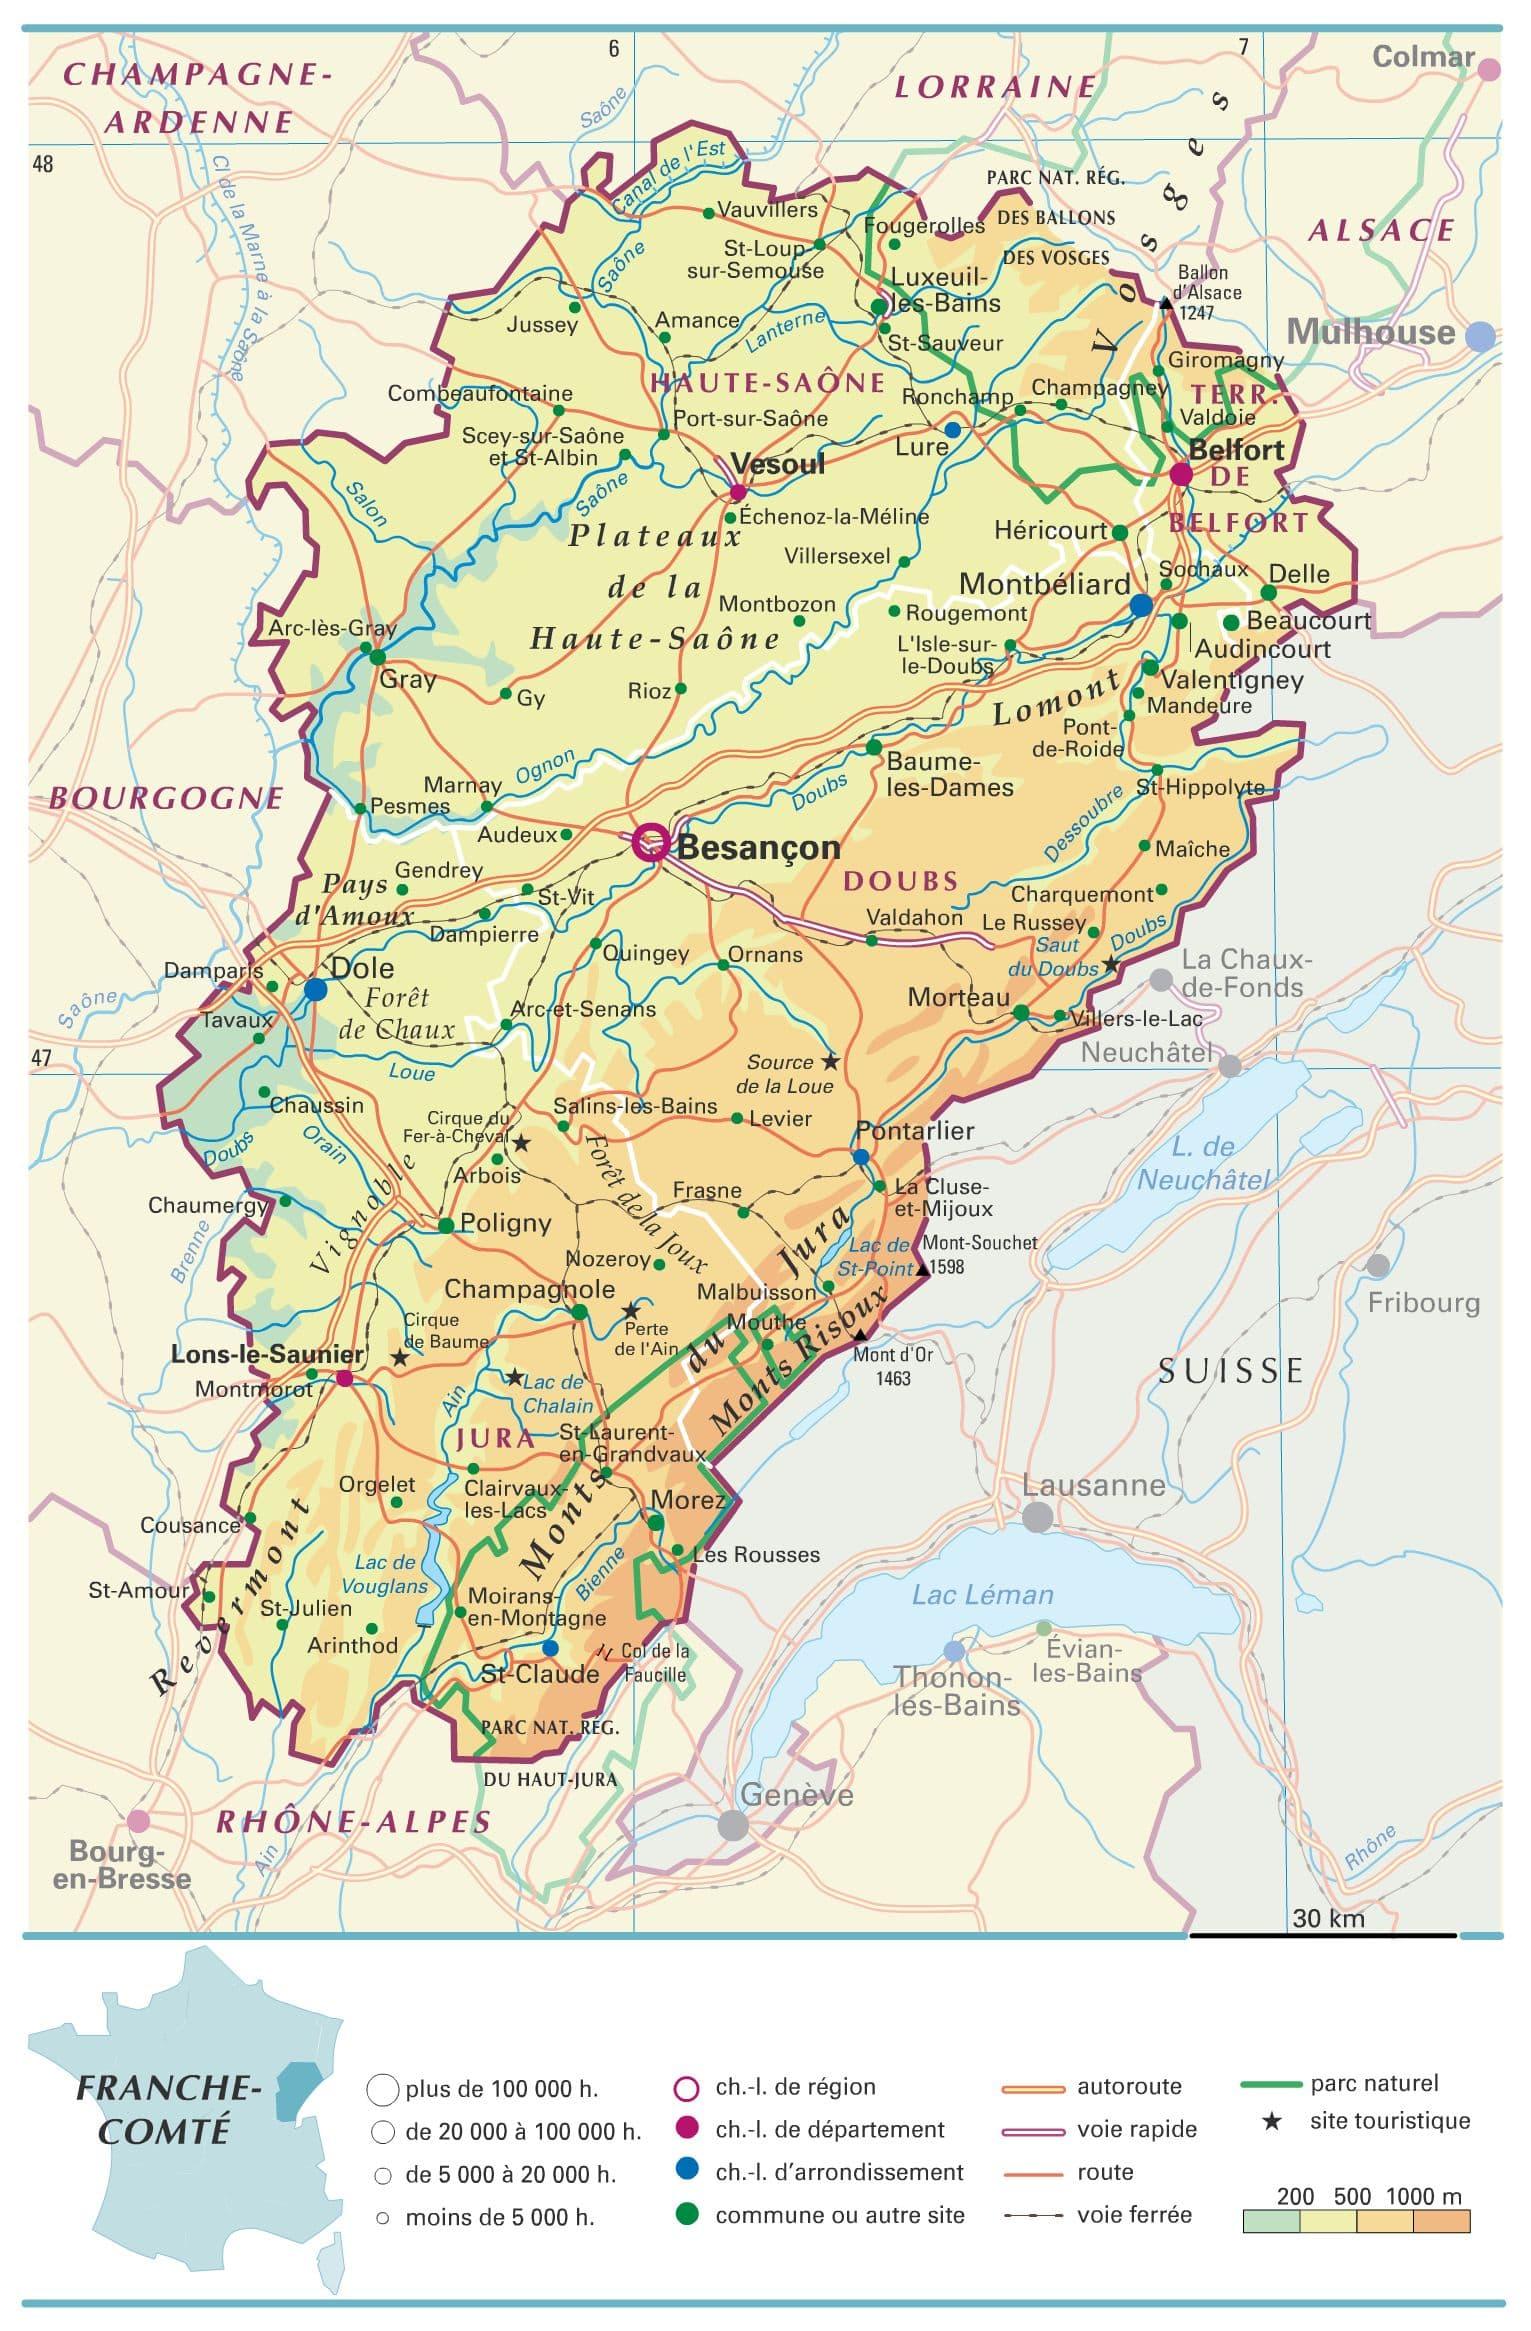 Encyclopédie Larousse en ligne   Franche Comté